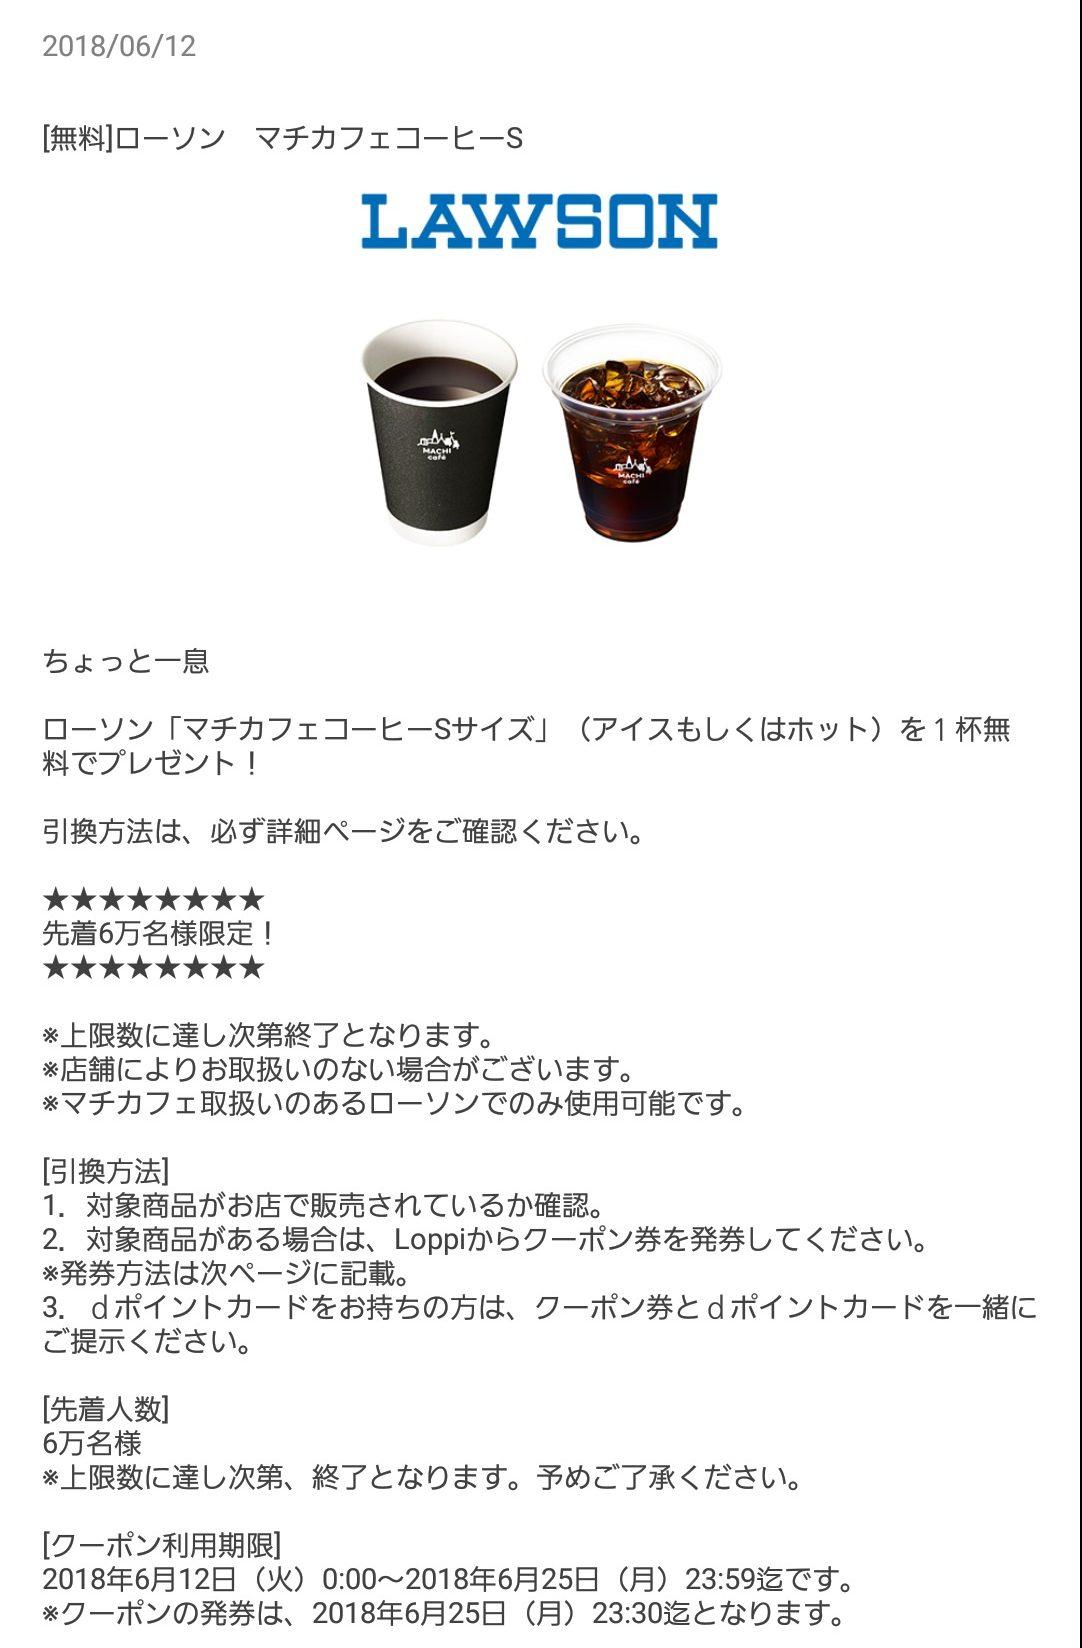 dポイントクラブアプリでローソンマチカフェコーヒーSを先着6万名に配布中。6/12~。